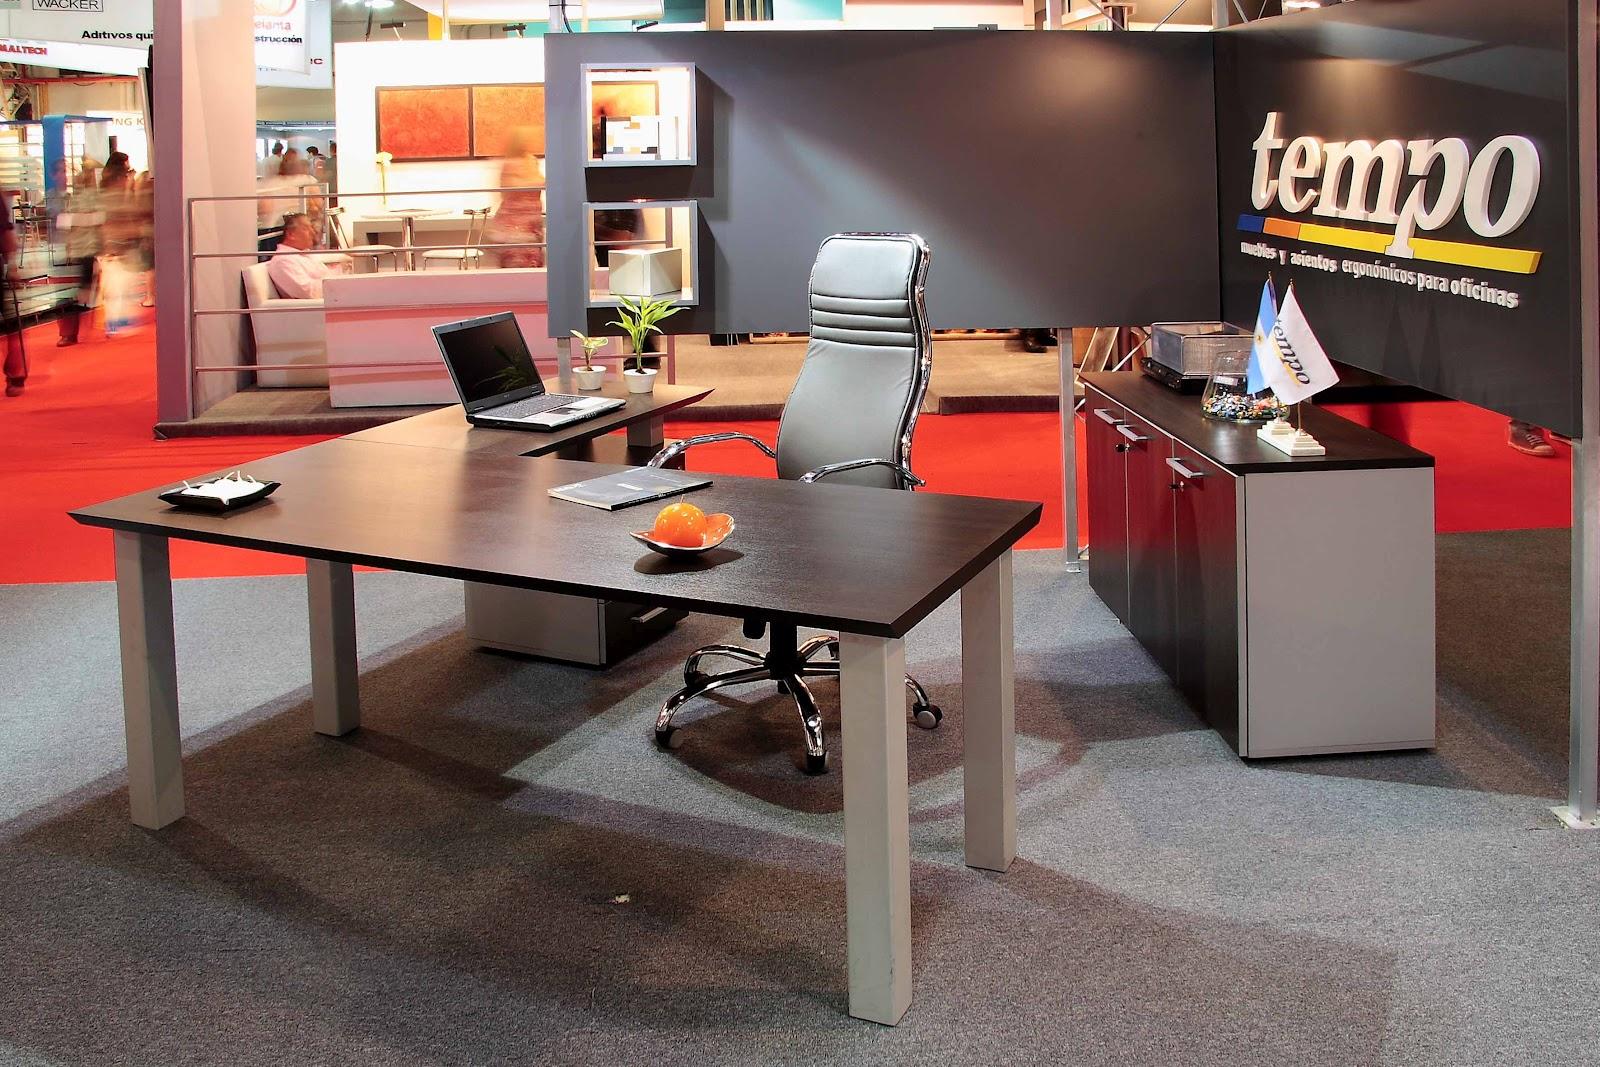 Curso para fabricaci n de muebles de oficina minimalistas - Disenadores de muebles ...